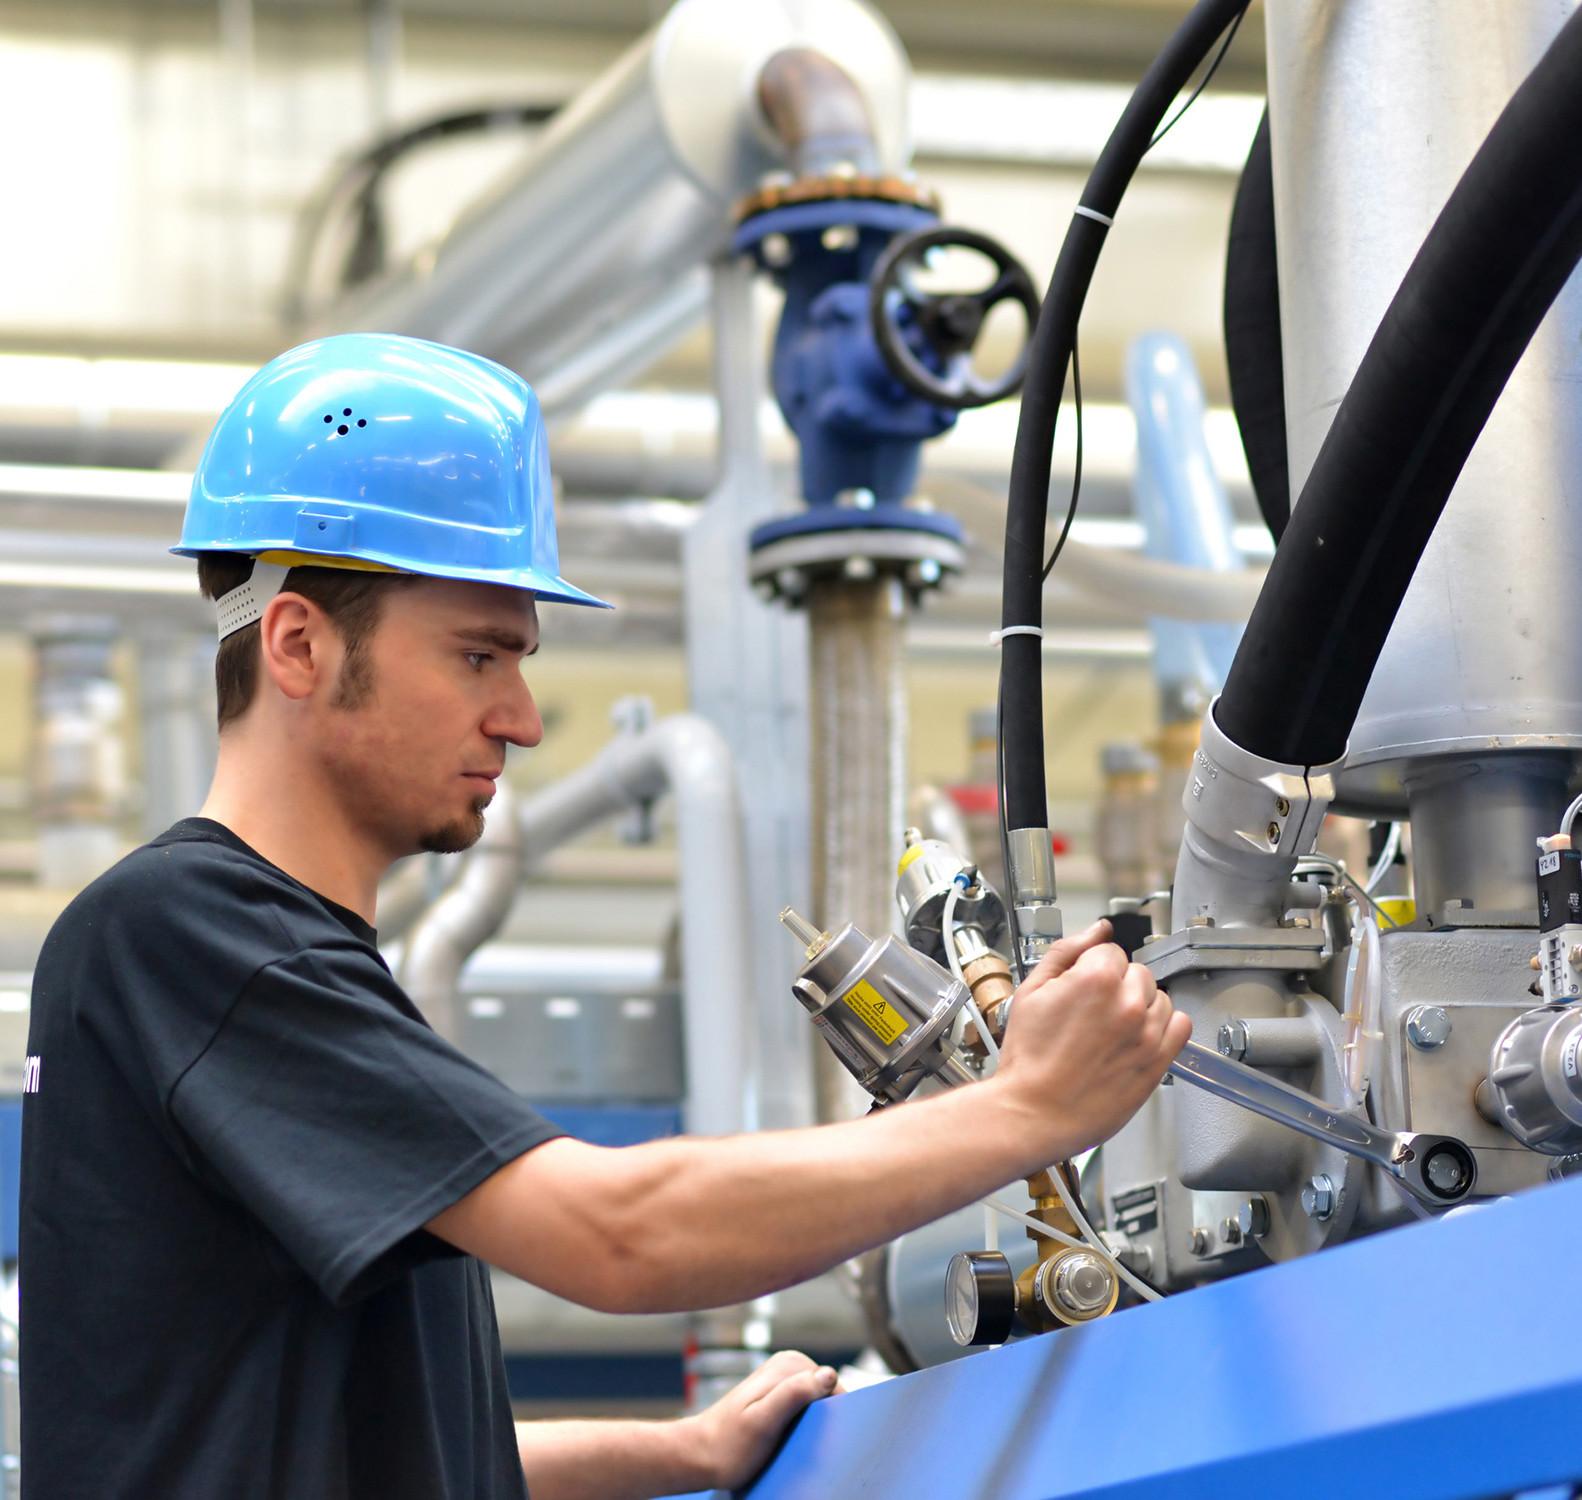 Elektriker Anlagenbau / Schaltschrankbau